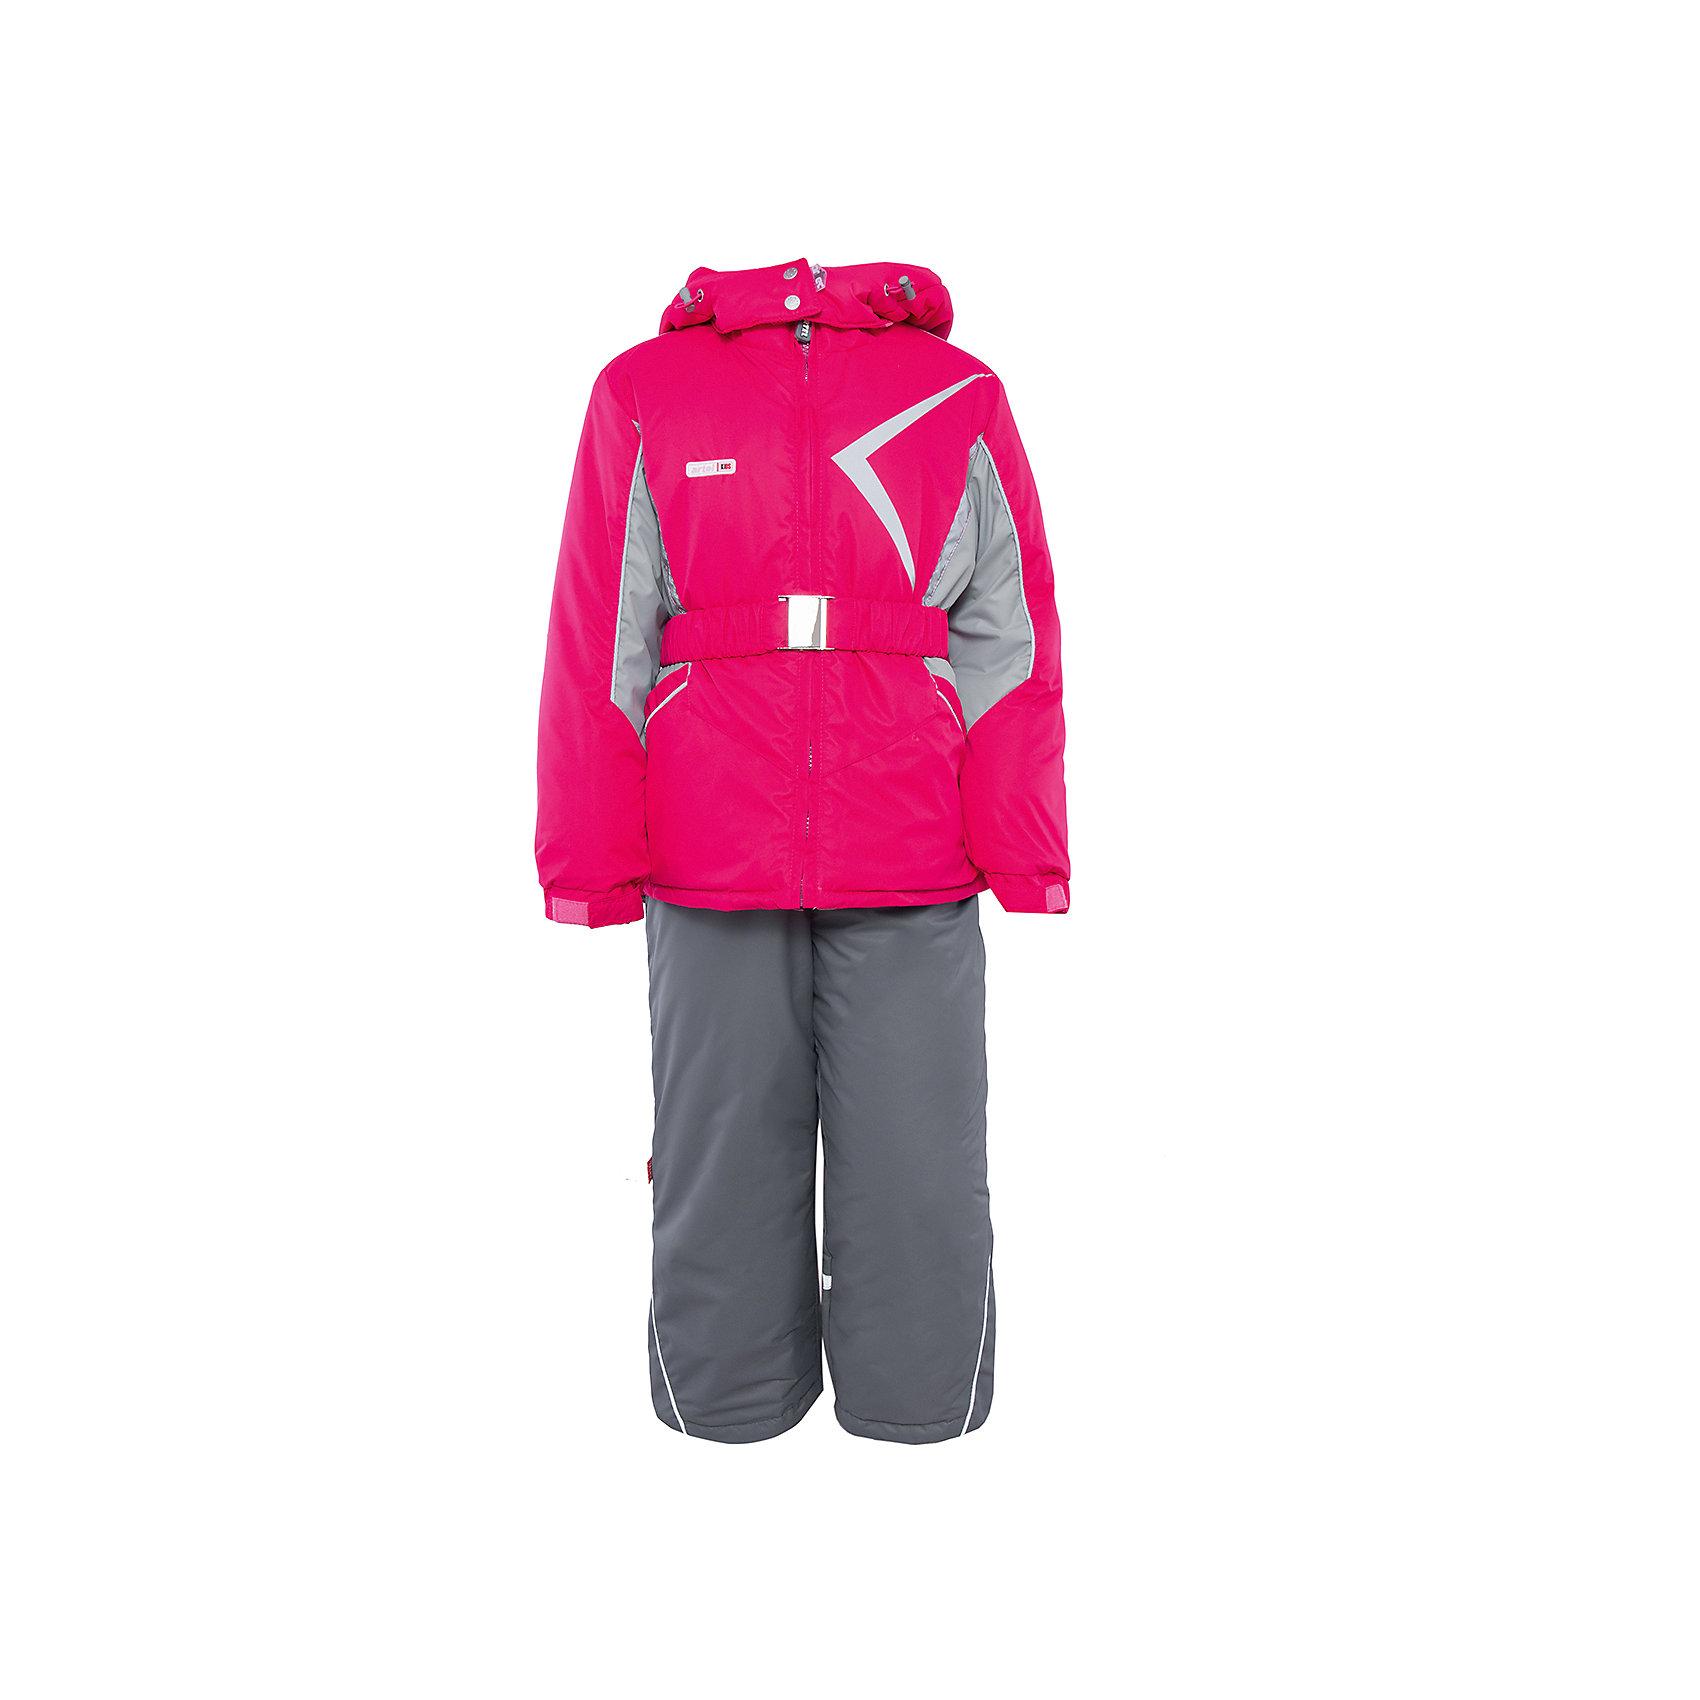 Комплект: куртка и полукомбинезон для девочки АртельВерхняя одежда<br>Комплект: куртка и полукомбинезон для девочки от известного бренда Артель<br>Комплект на современном утеплителеиз мембранной ткани, позволит ребенку долго гулять даже в самую слякотную погоду, кататься с мокрых горок и не промокнуть. Куртка выполнена из мембранной ткани . Функцию дополнительной защиты от ветра выполняют: глубокий капюшон с резинкой и стопорами, кулиска с резинкой по низу куртки, дополнительная фиксация по краю рукава с регулируемой липучкой. По линии талии расположен пояс на резинке с декоративной пряжкой. У полукомбинезона регулируется длина бретелек. Внизу на штанишках есть дополнительная фиксация, в виде напульсника и застежки на липучку.<br>Состав:<br>Верх: LokkerPoint<br>Подкладка: микрофлис, пэ<br>Утеплитель: TermoFinn 200<br>Полукомбинезон:<br>Верх: LokkerPoint<br>Подкладка: флис, пэ<br>Утеплитель: TermoFinn 200<br><br>Ширина мм: 215<br>Глубина мм: 88<br>Высота мм: 191<br>Вес г: 336<br>Цвет: розовый<br>Возраст от месяцев: 84<br>Возраст до месяцев: 96<br>Пол: Женский<br>Возраст: Детский<br>Размер: 128,146,116,122,134,140<br>SKU: 4963965